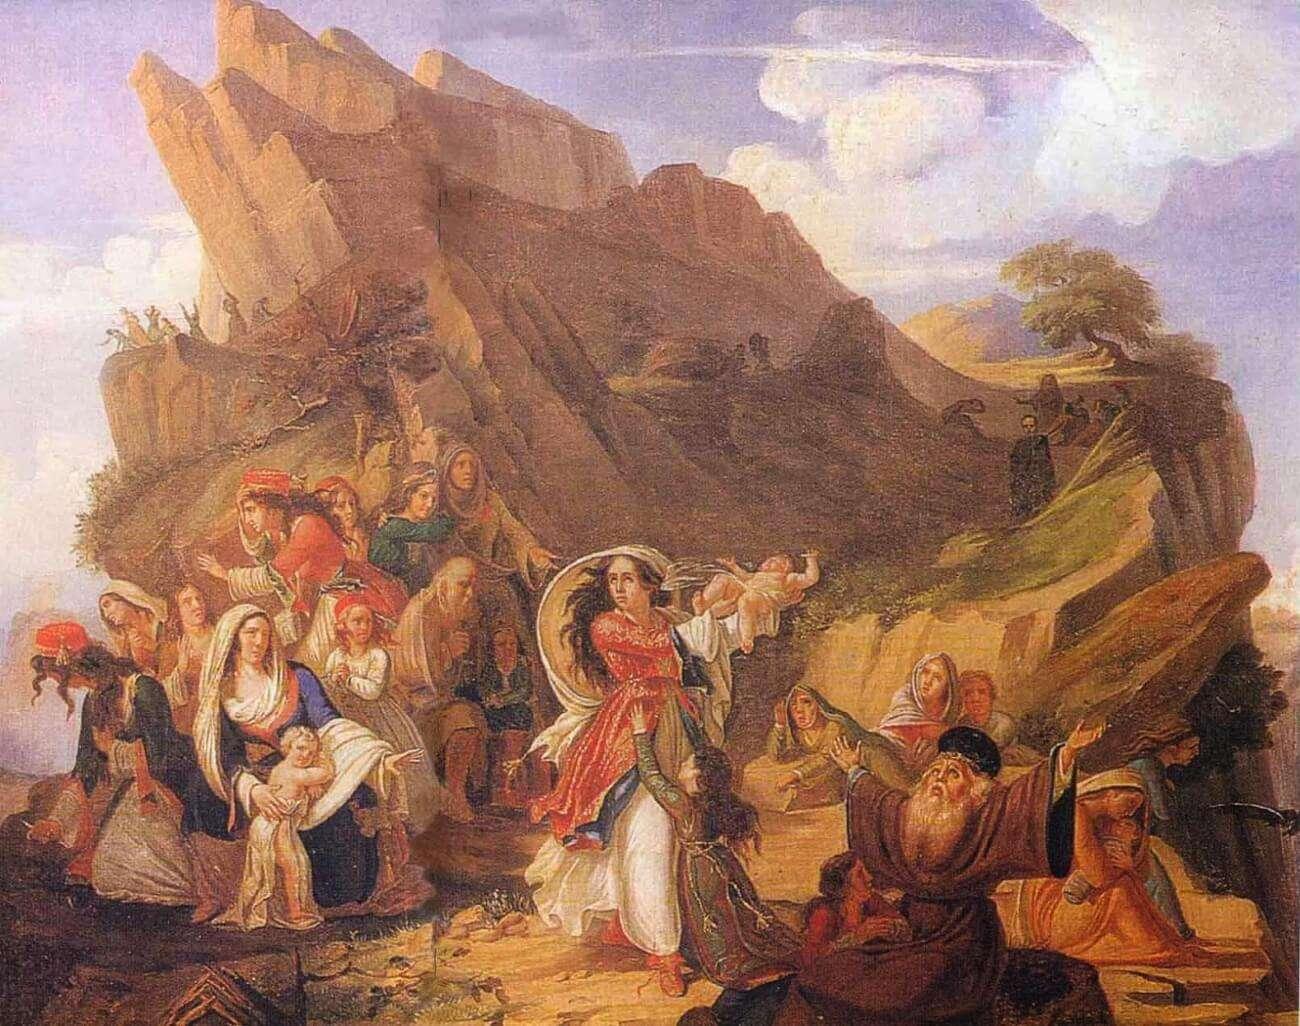 χορός του Ζαλόγγου ή Οι Σουλιώτισσες